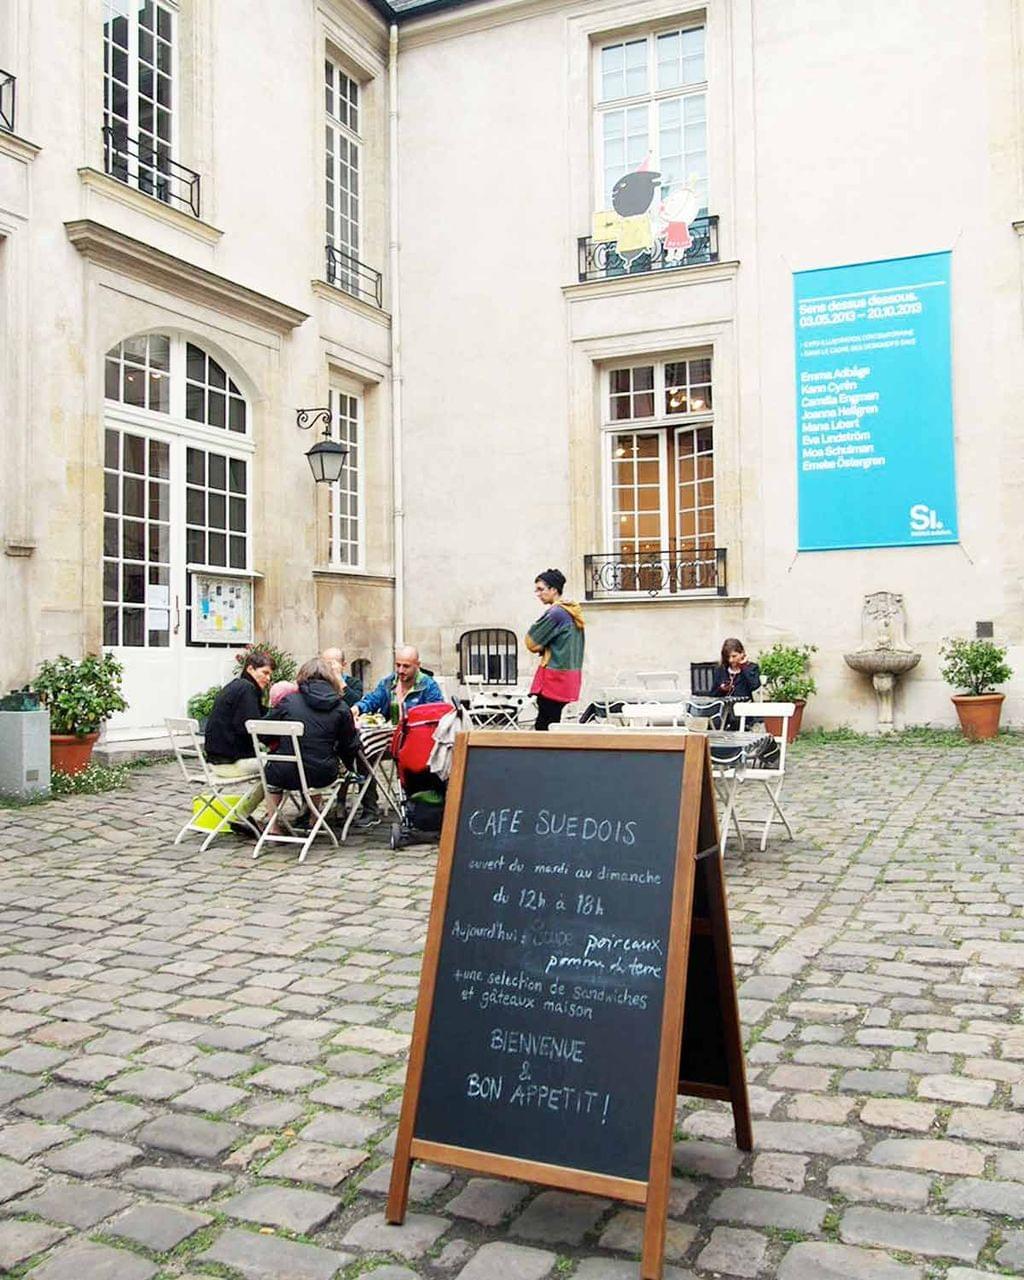 パリジェンヌに大人気!本場パリのオシャレなおすすめカフェ4選